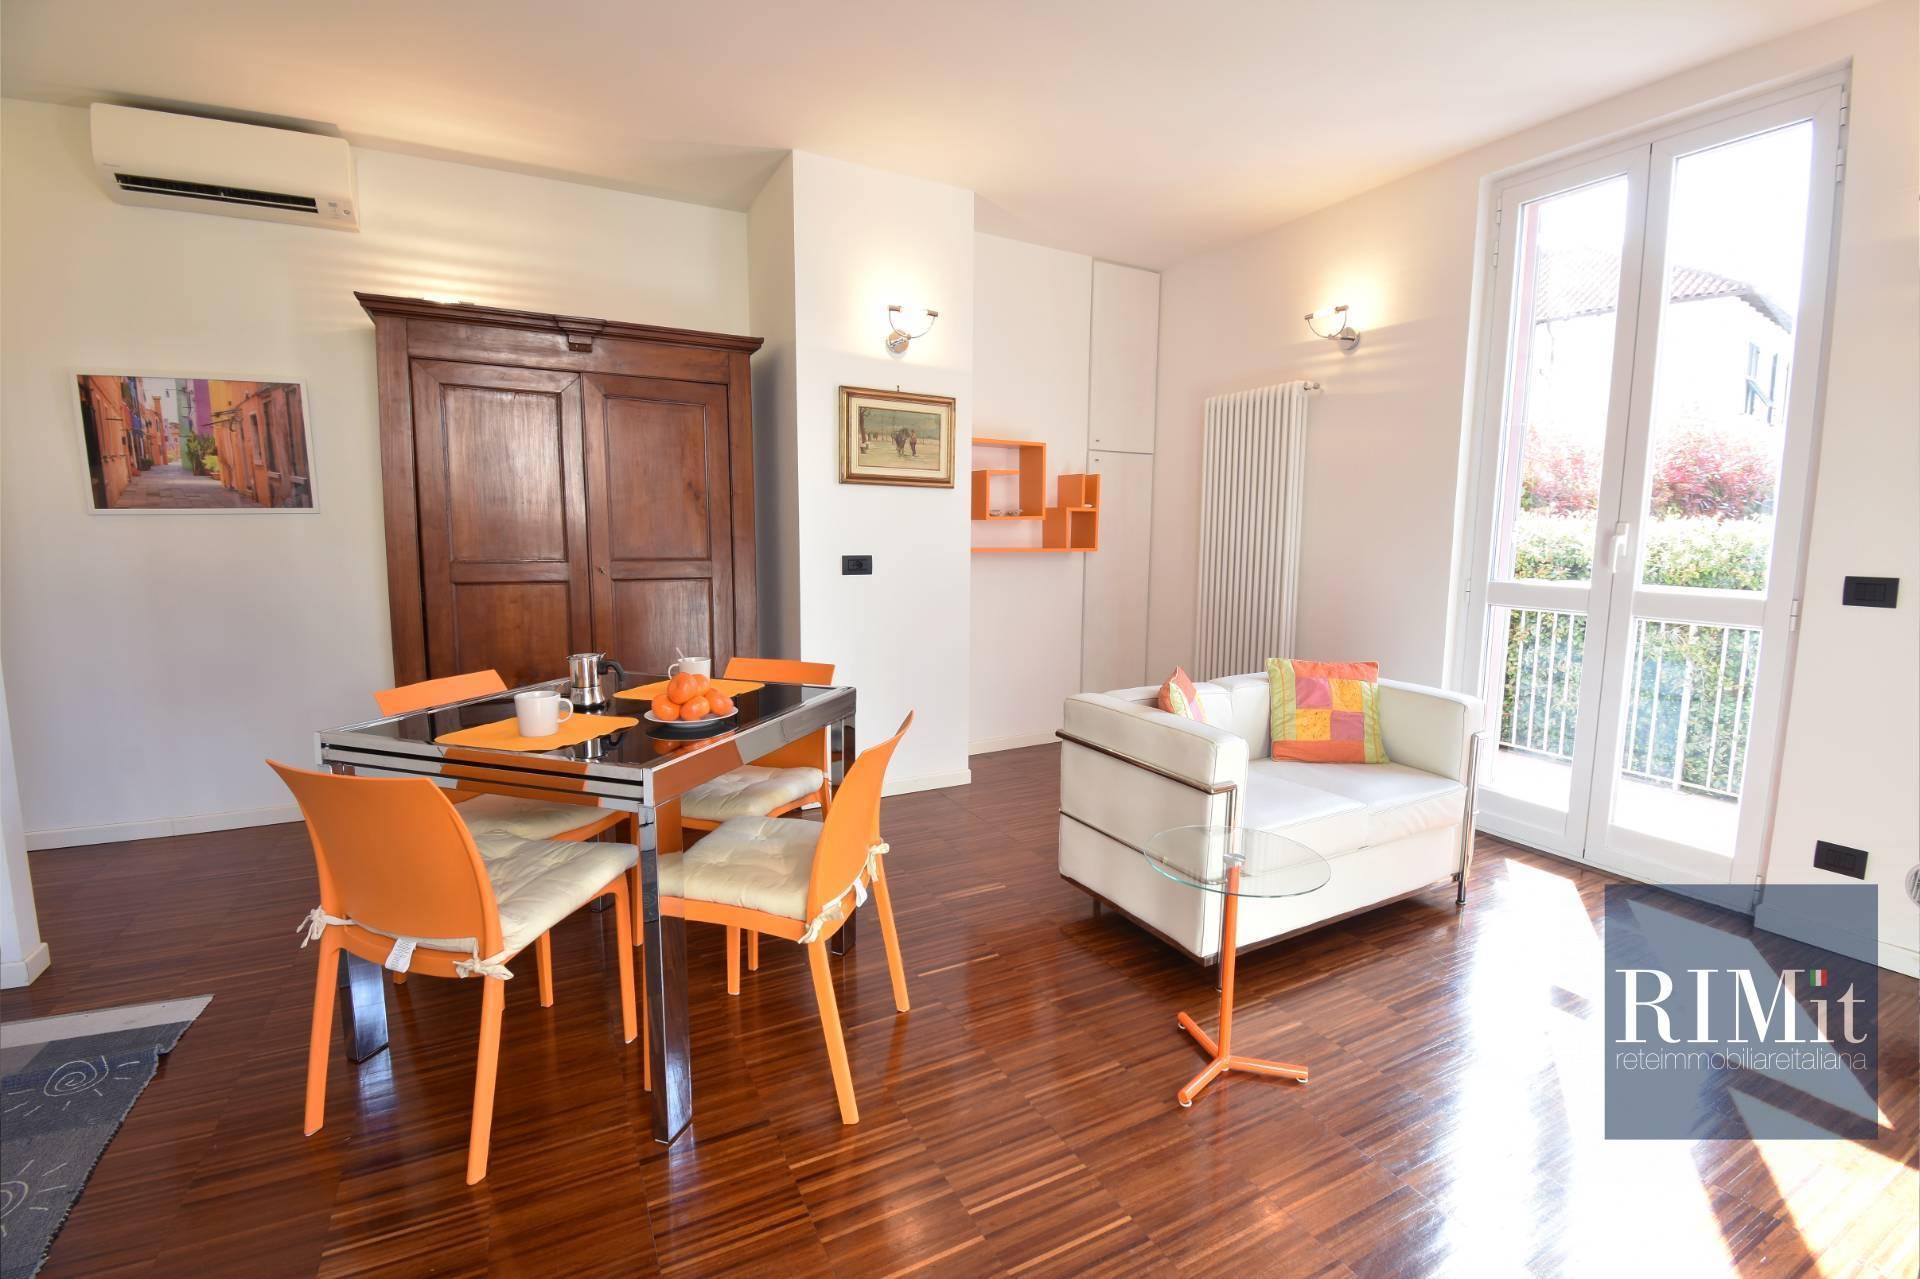 Appartamento in affitto a Celle Ligure, 5 locali, zona Località: PianidiCelle, prezzo € 1.300 | PortaleAgenzieImmobiliari.it